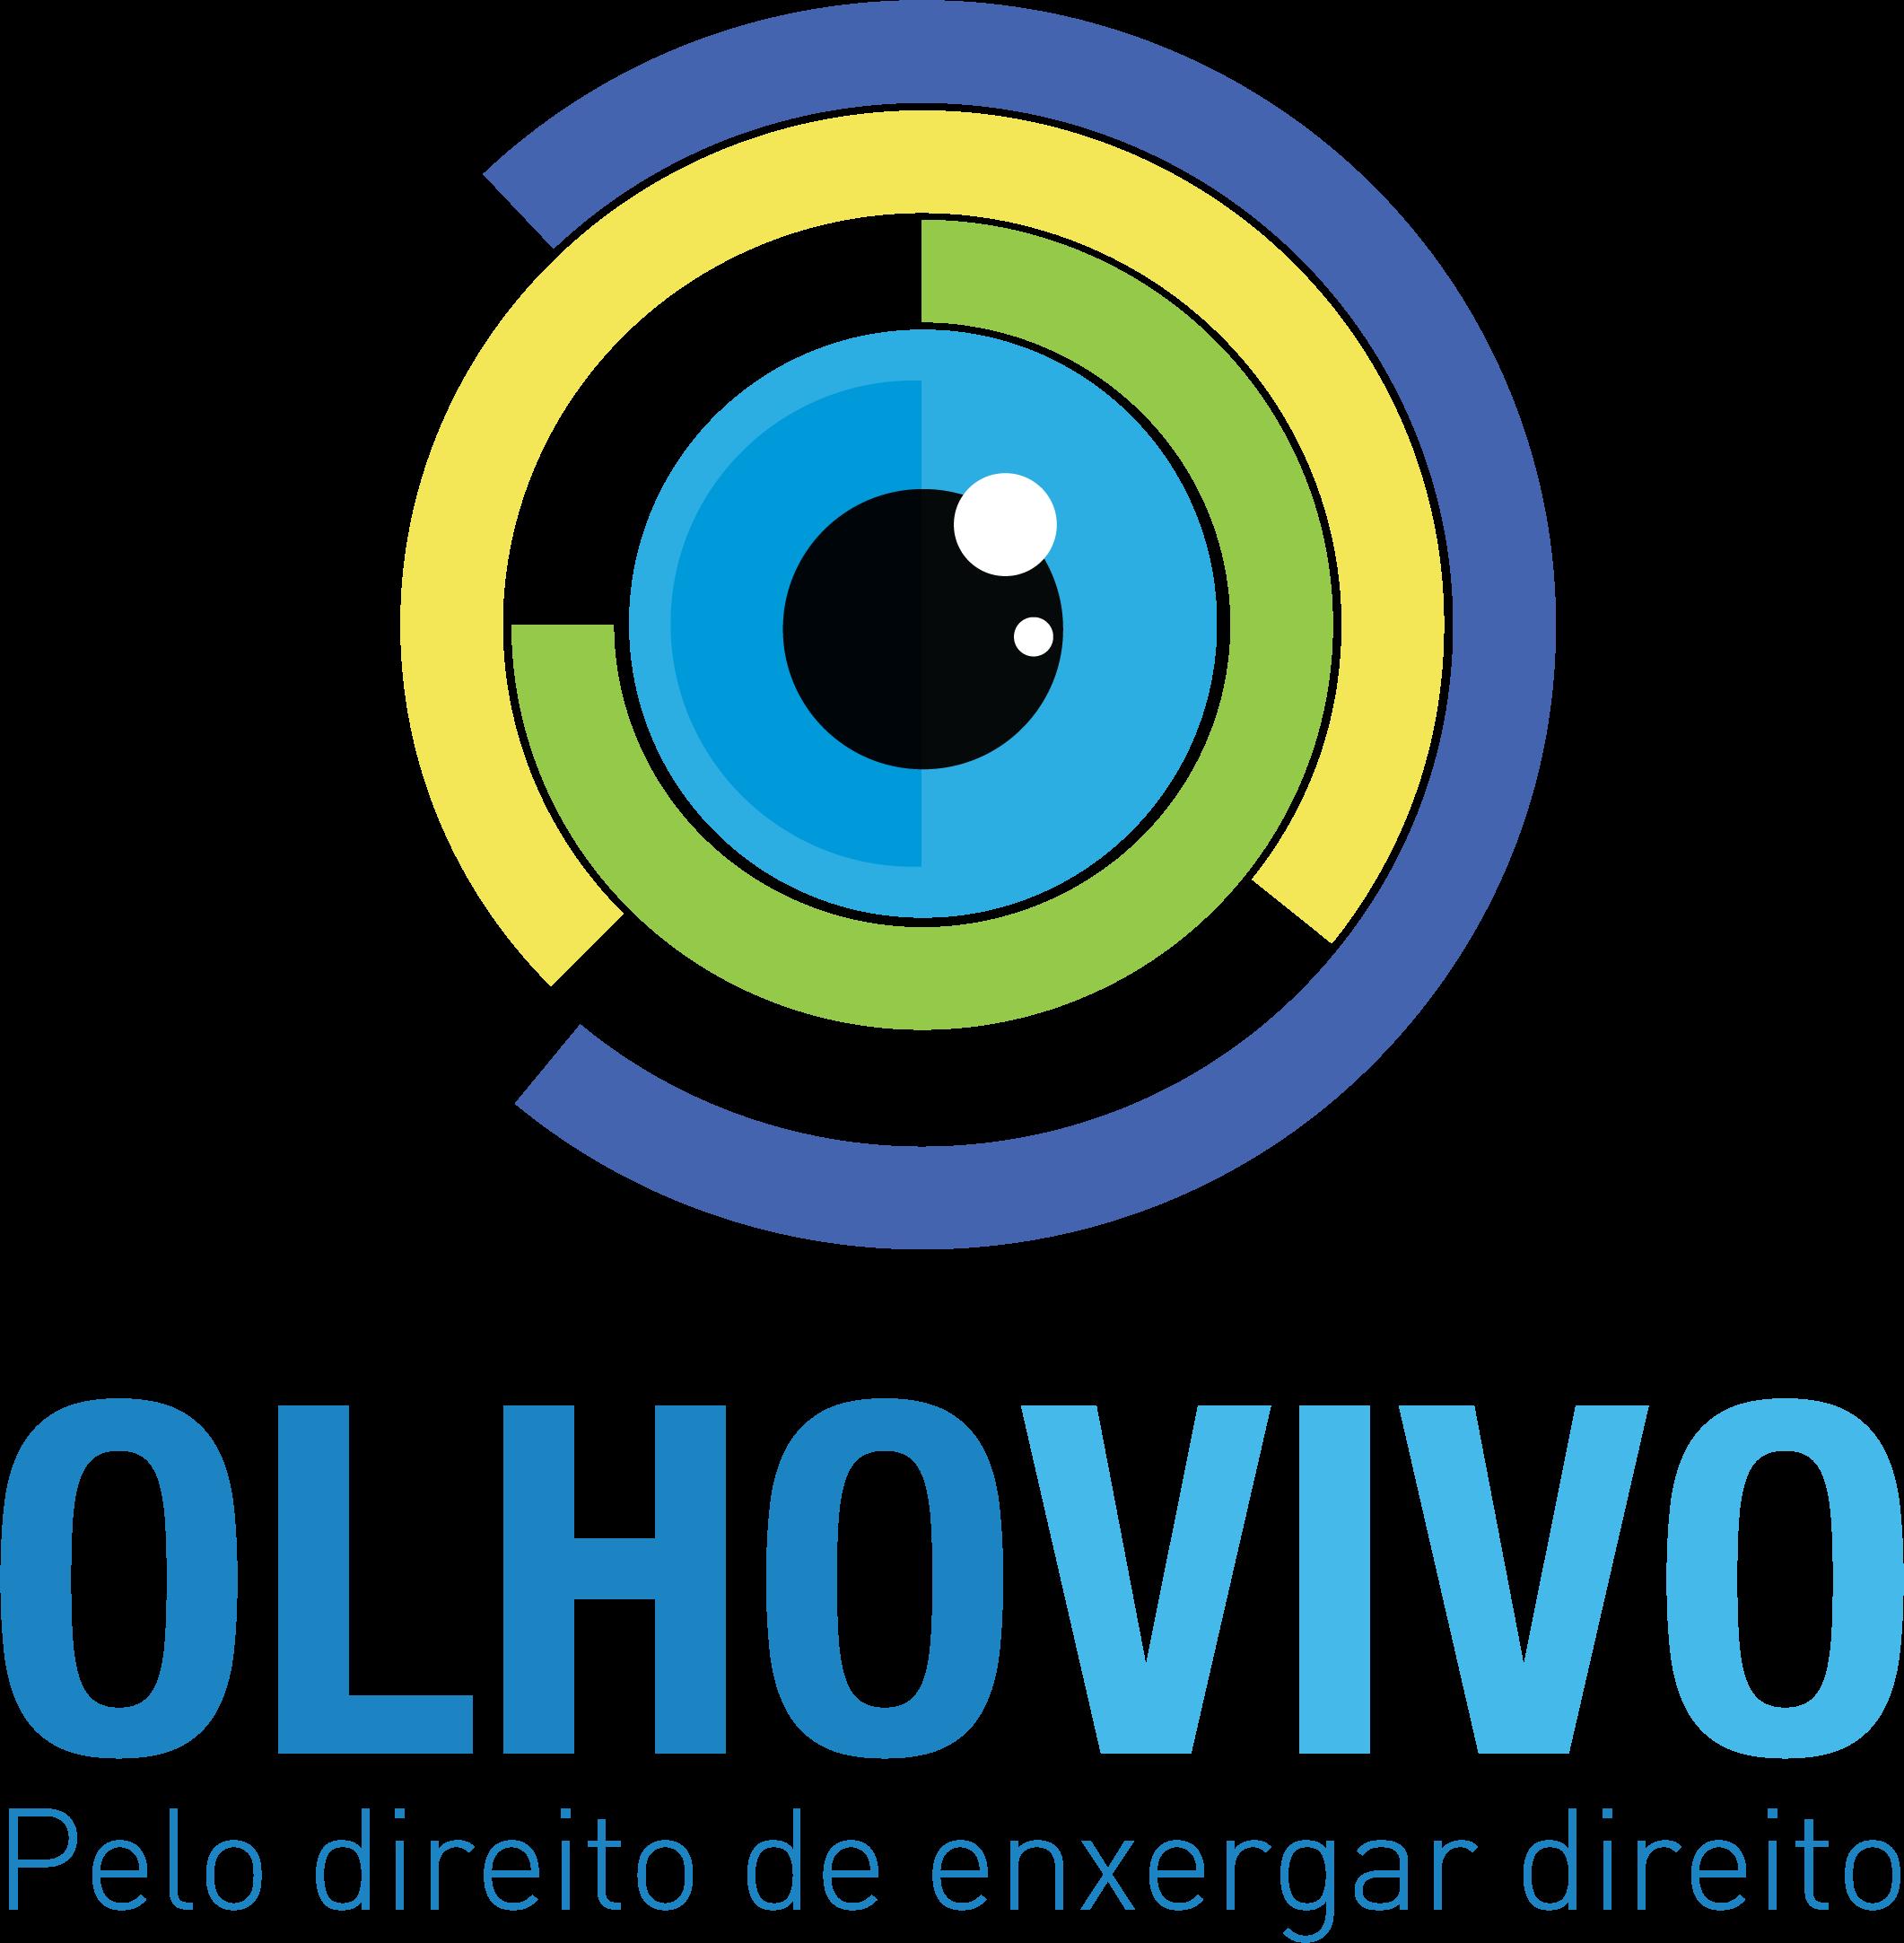 LOGO – OLHOVIVO